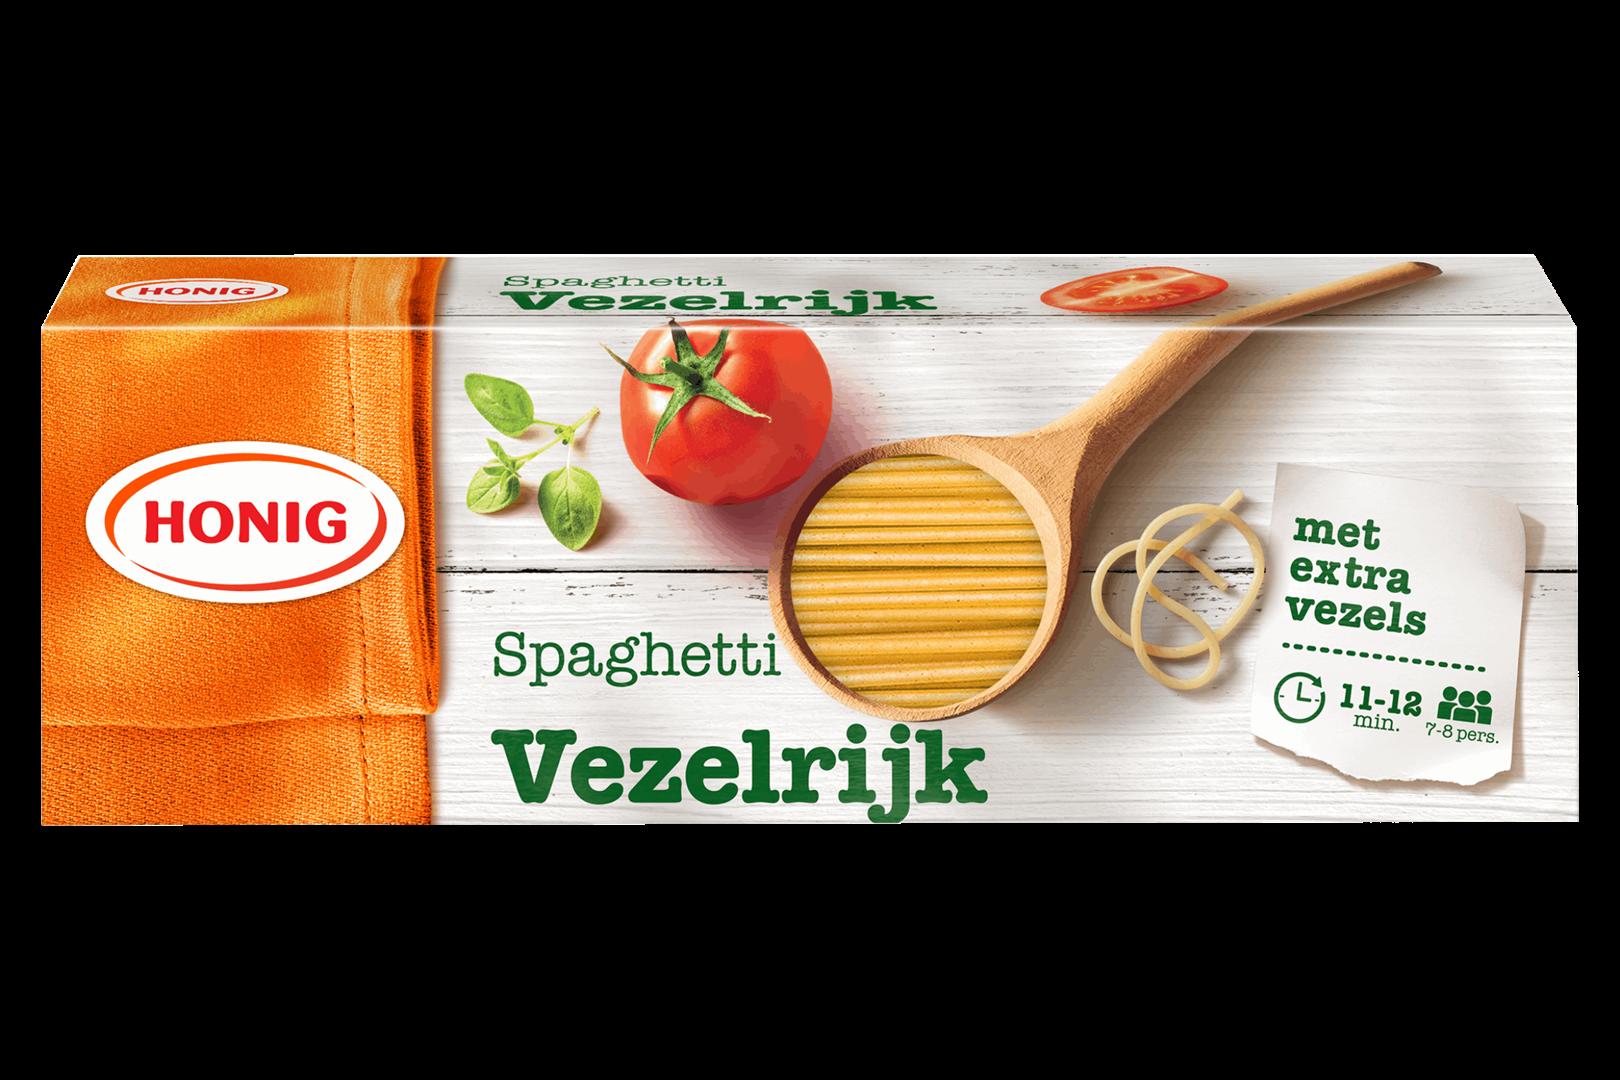 Productafbeelding Honig Deegwaar Spaghetti Vezelrijk 550 g Doos